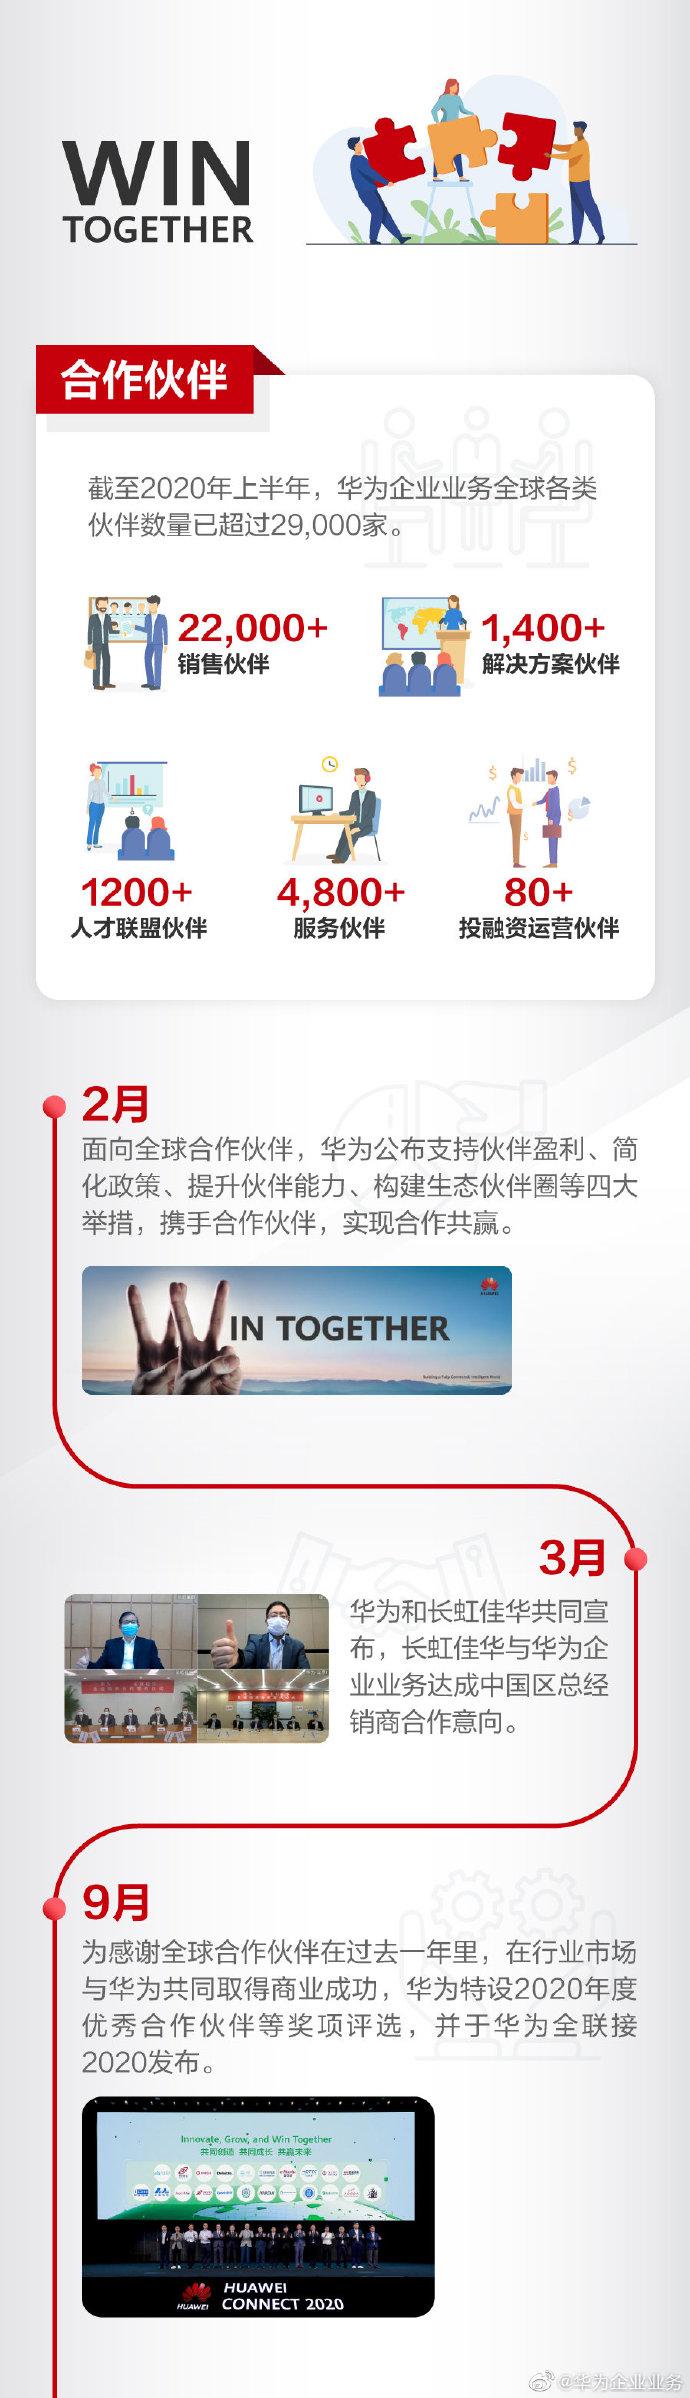 华为官方发布消息:一图回顾华为企业业务与合作伙伴的2020-玩懂手机网 - 玩懂手机第一手的手机资讯网(www.wdshouji.com)